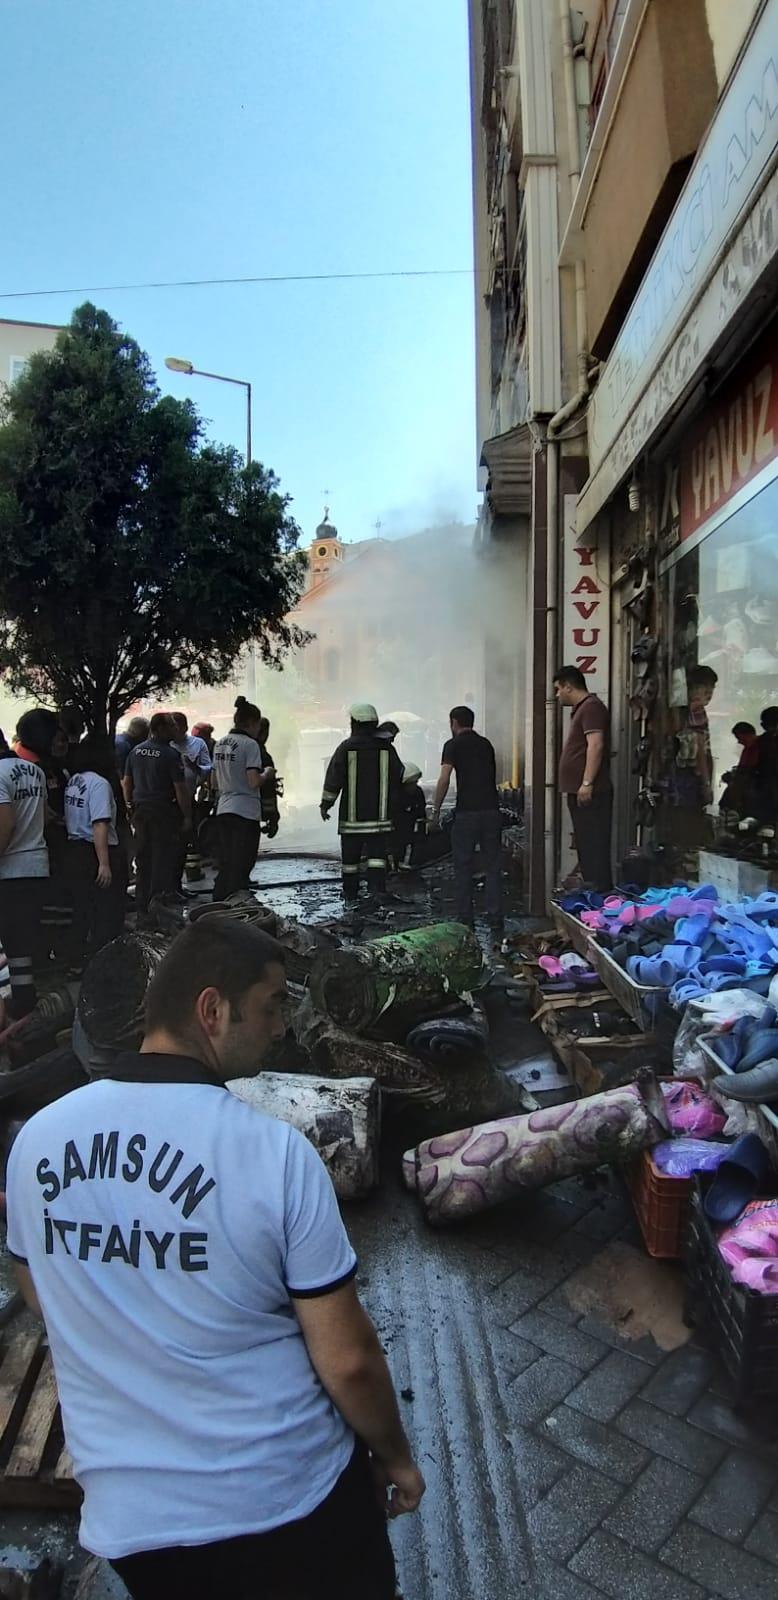 Halı mağazasında çıkan yangında iş yeri sahibi ağır yaralandı